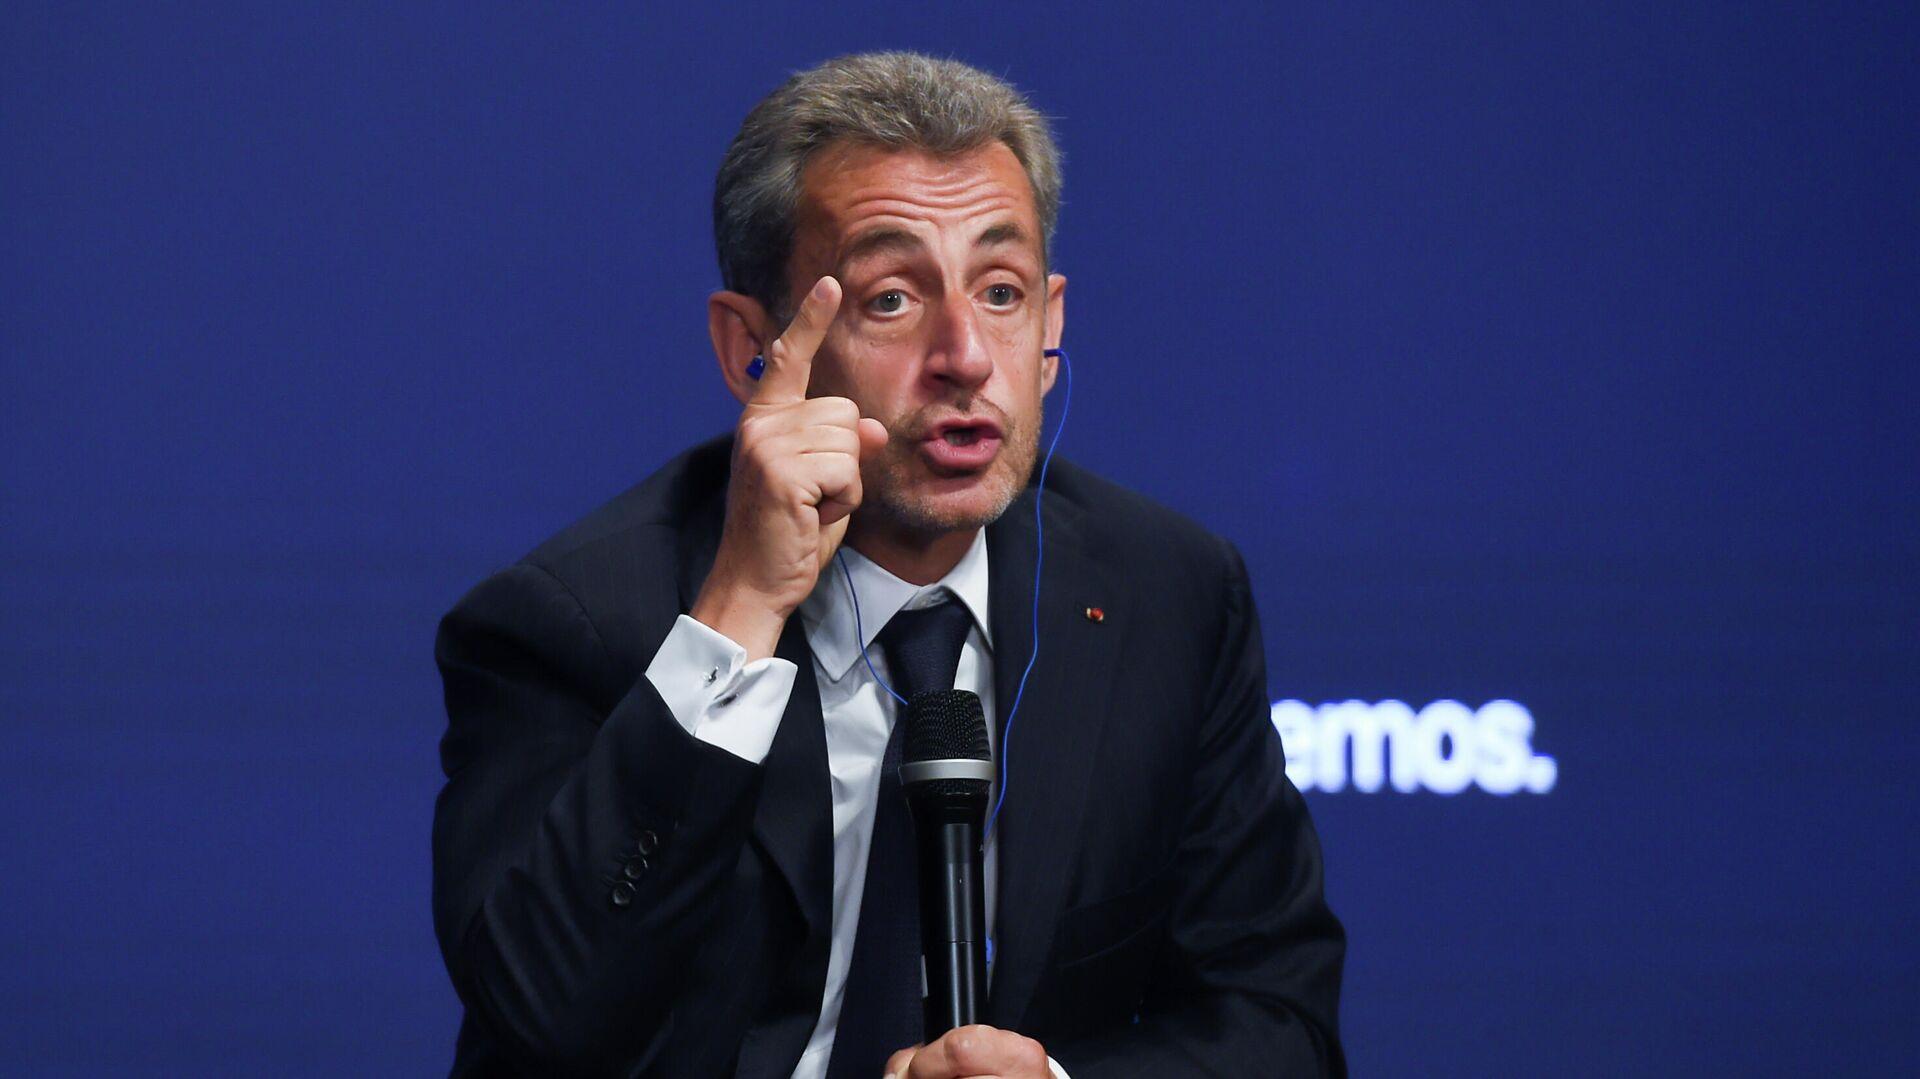 El expresidente de Francia Nicolas Sarkozy, durante la mesa titulada 'La sociedad abierta y sus enemigos', en el marco de la tercera jornada de la Convención Nacional del PP - Sputnik Mundo, 1920, 30.09.2021